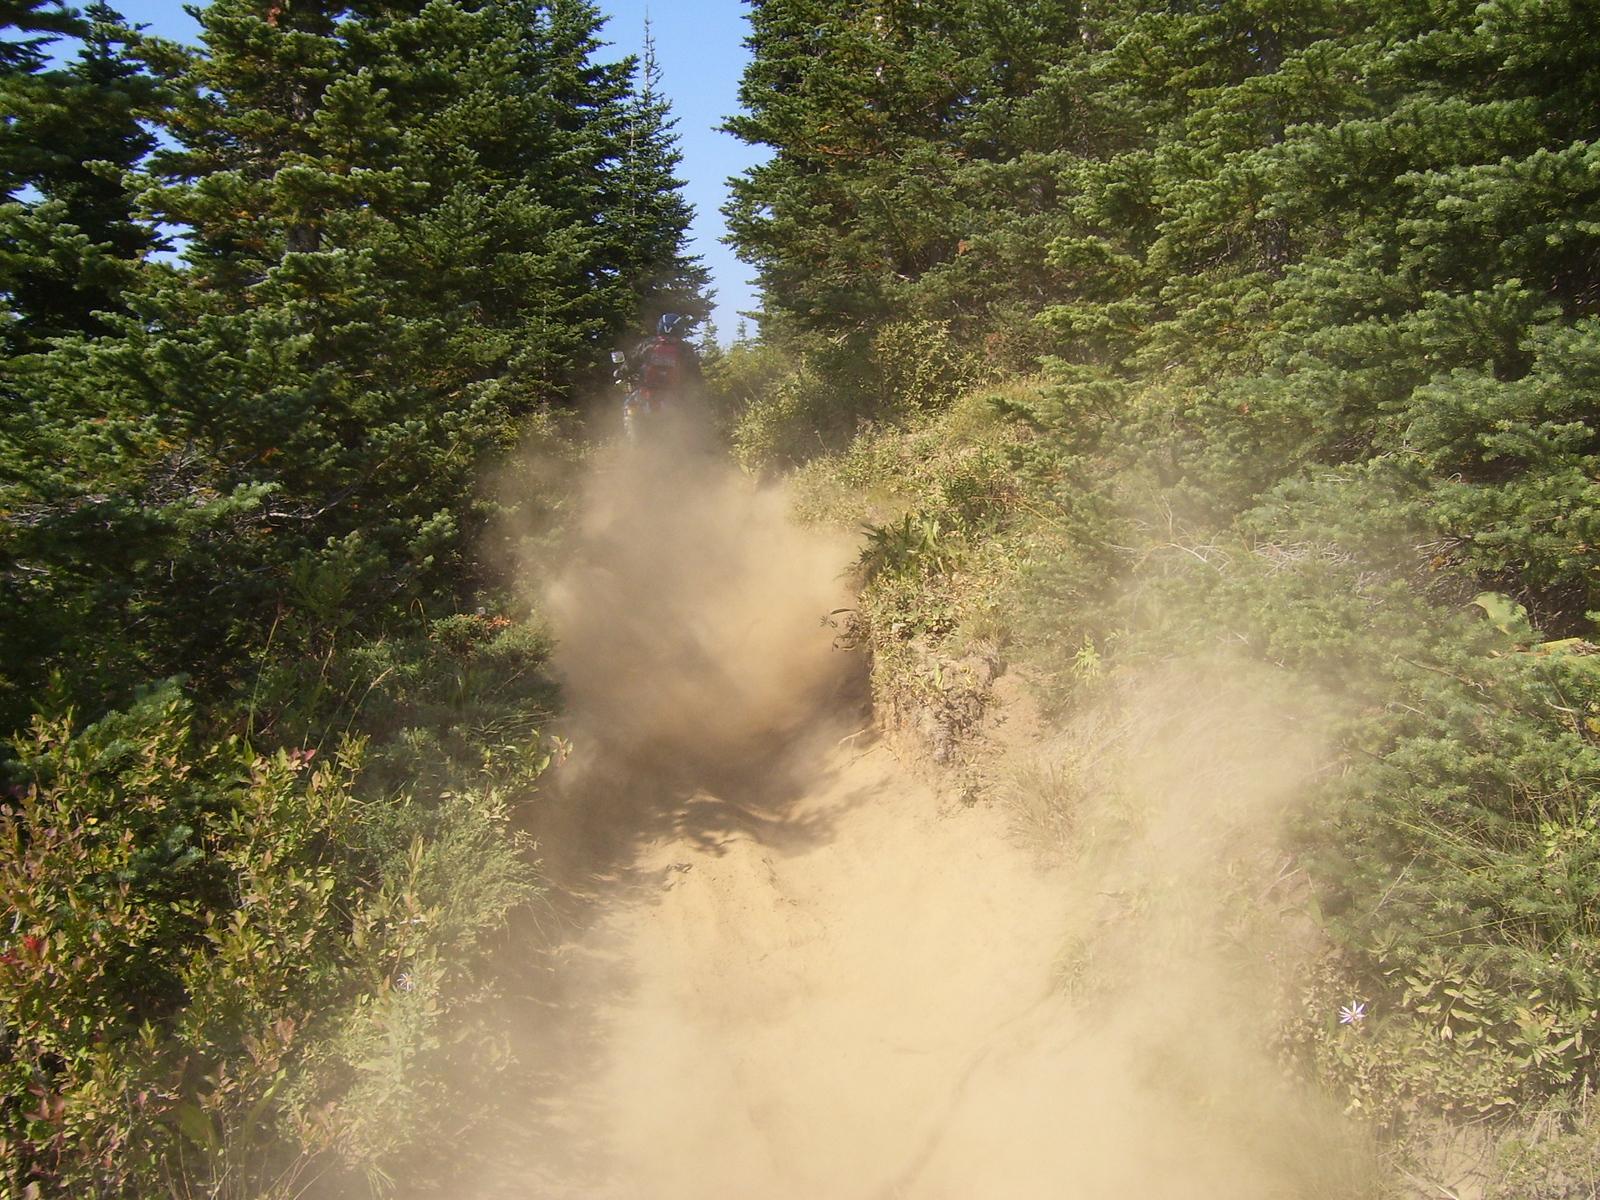 Lots of dust, it was like powder.